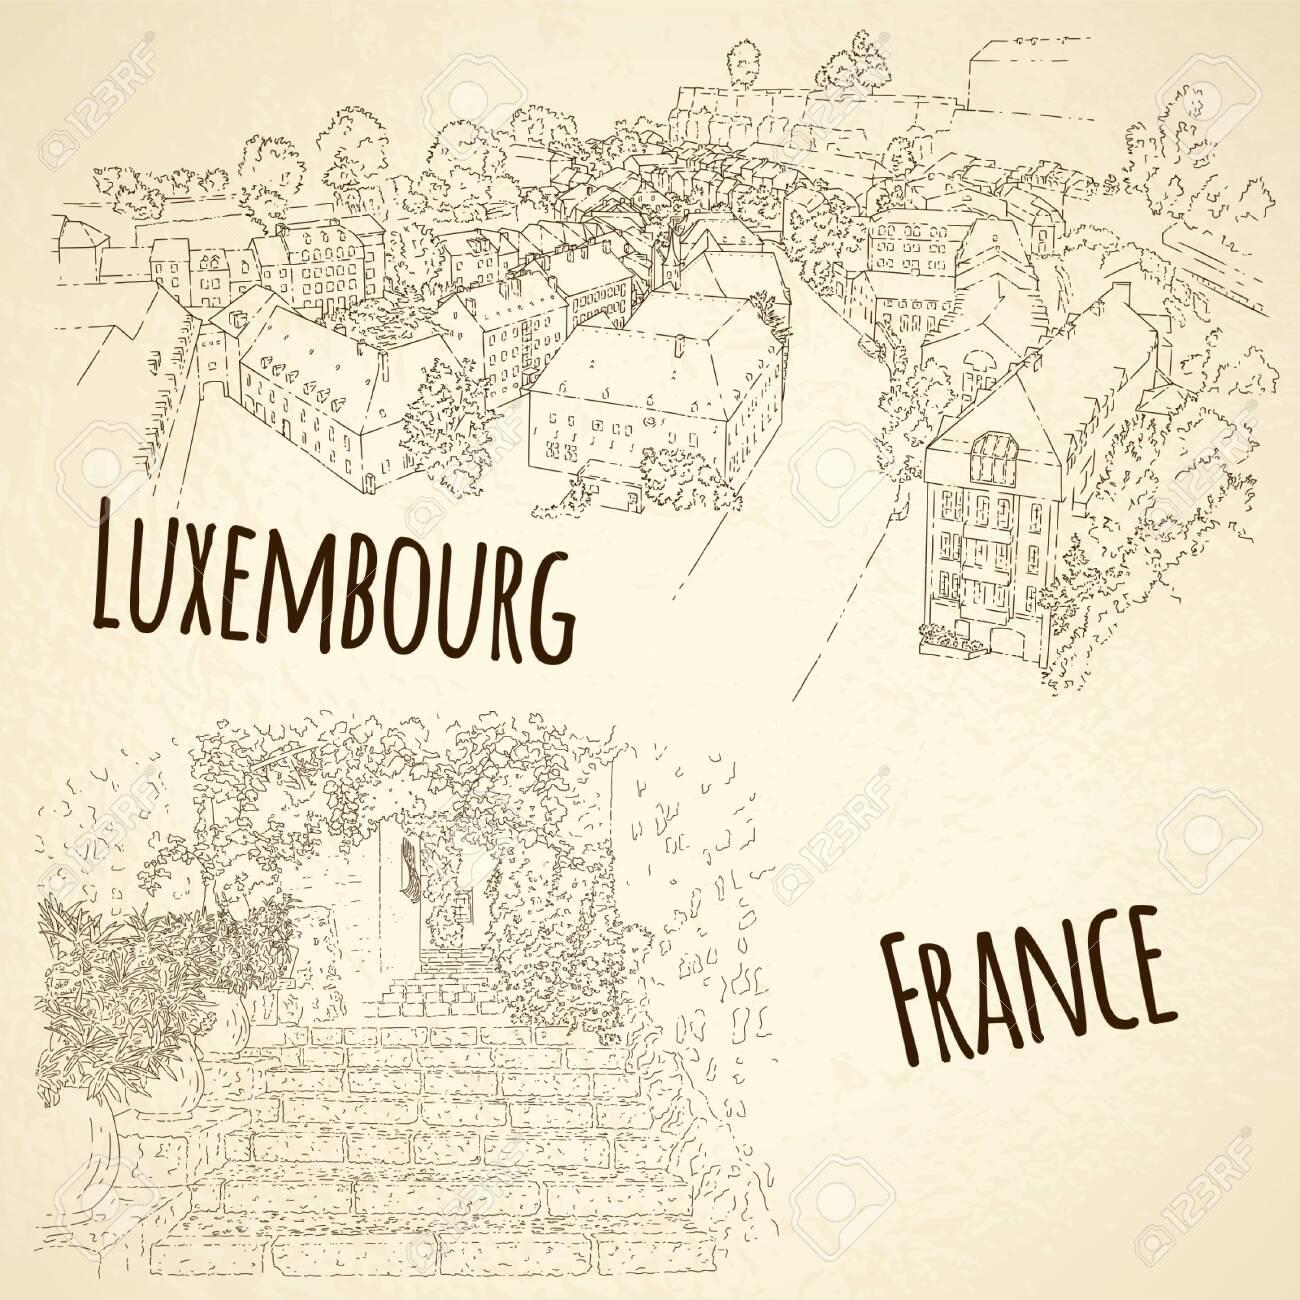 Set of city sketching. Line art silhouette. Travel card. Tourism concept. France, Saint-Paul-de-Vence. Luxembourg. Vector illustration. - 141157772